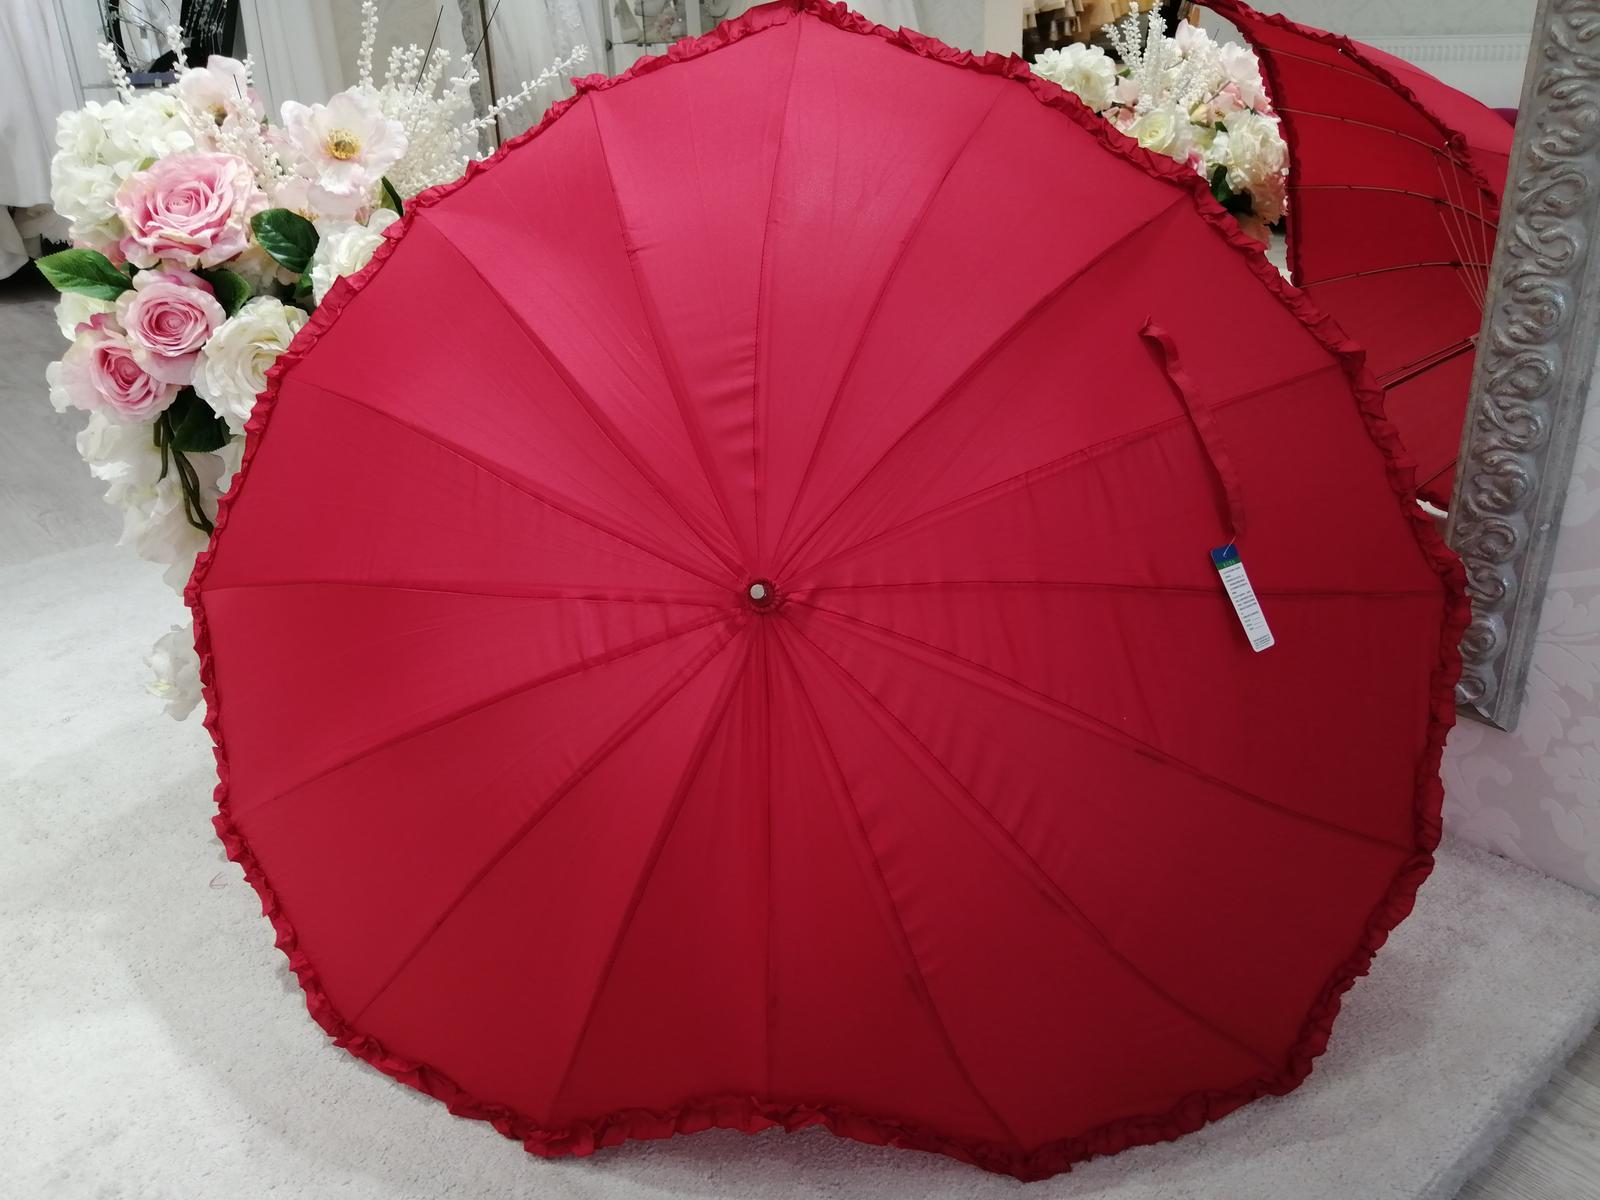 Dáždnik v tvare srdca - Obrázok č. 4